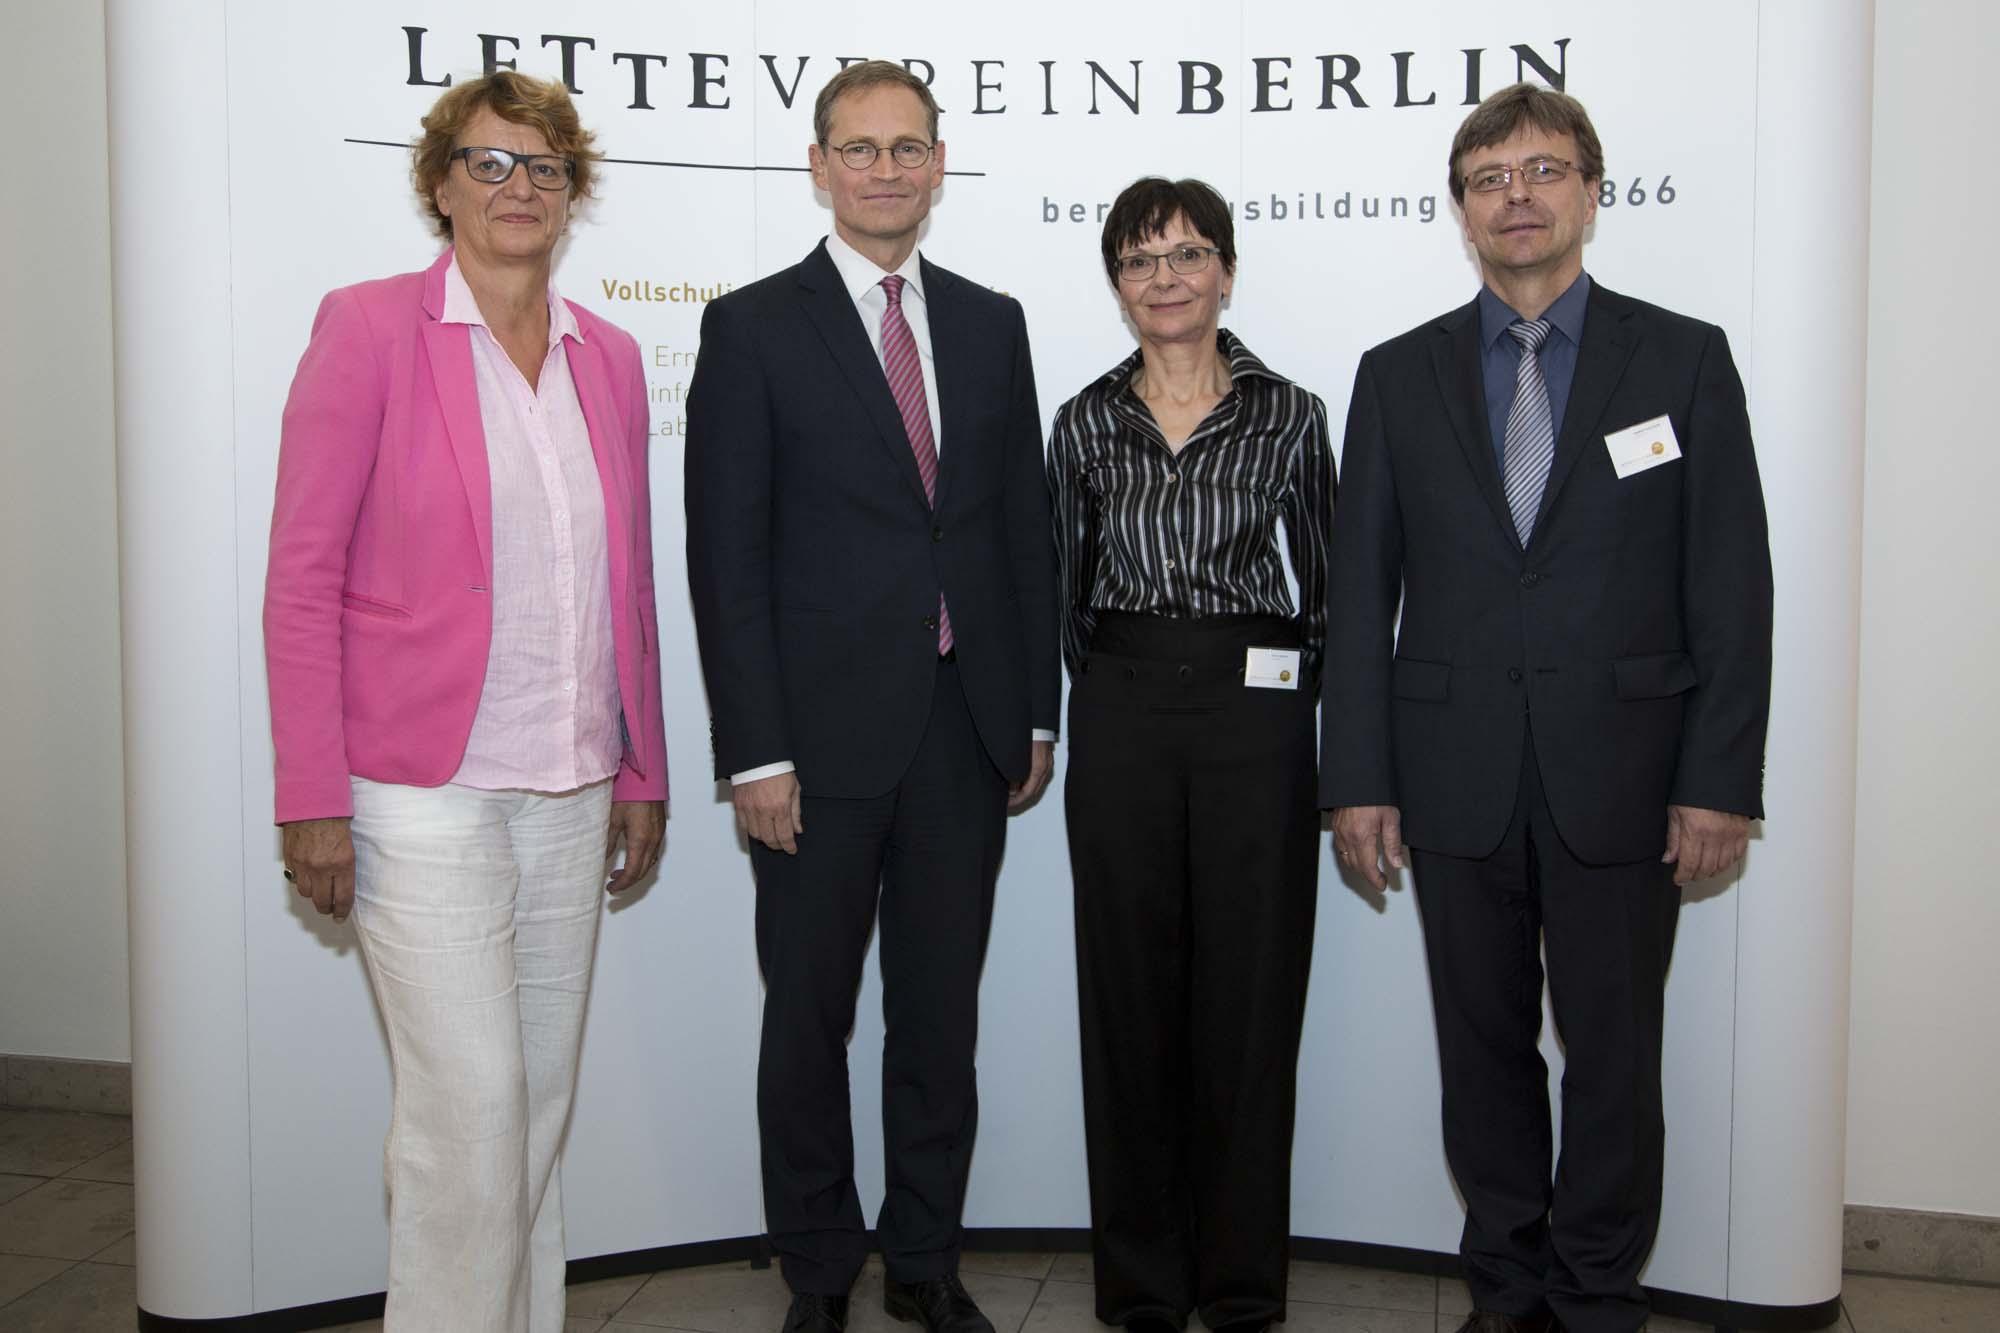 Festakt 150 Jahre Lette Verein Berlin